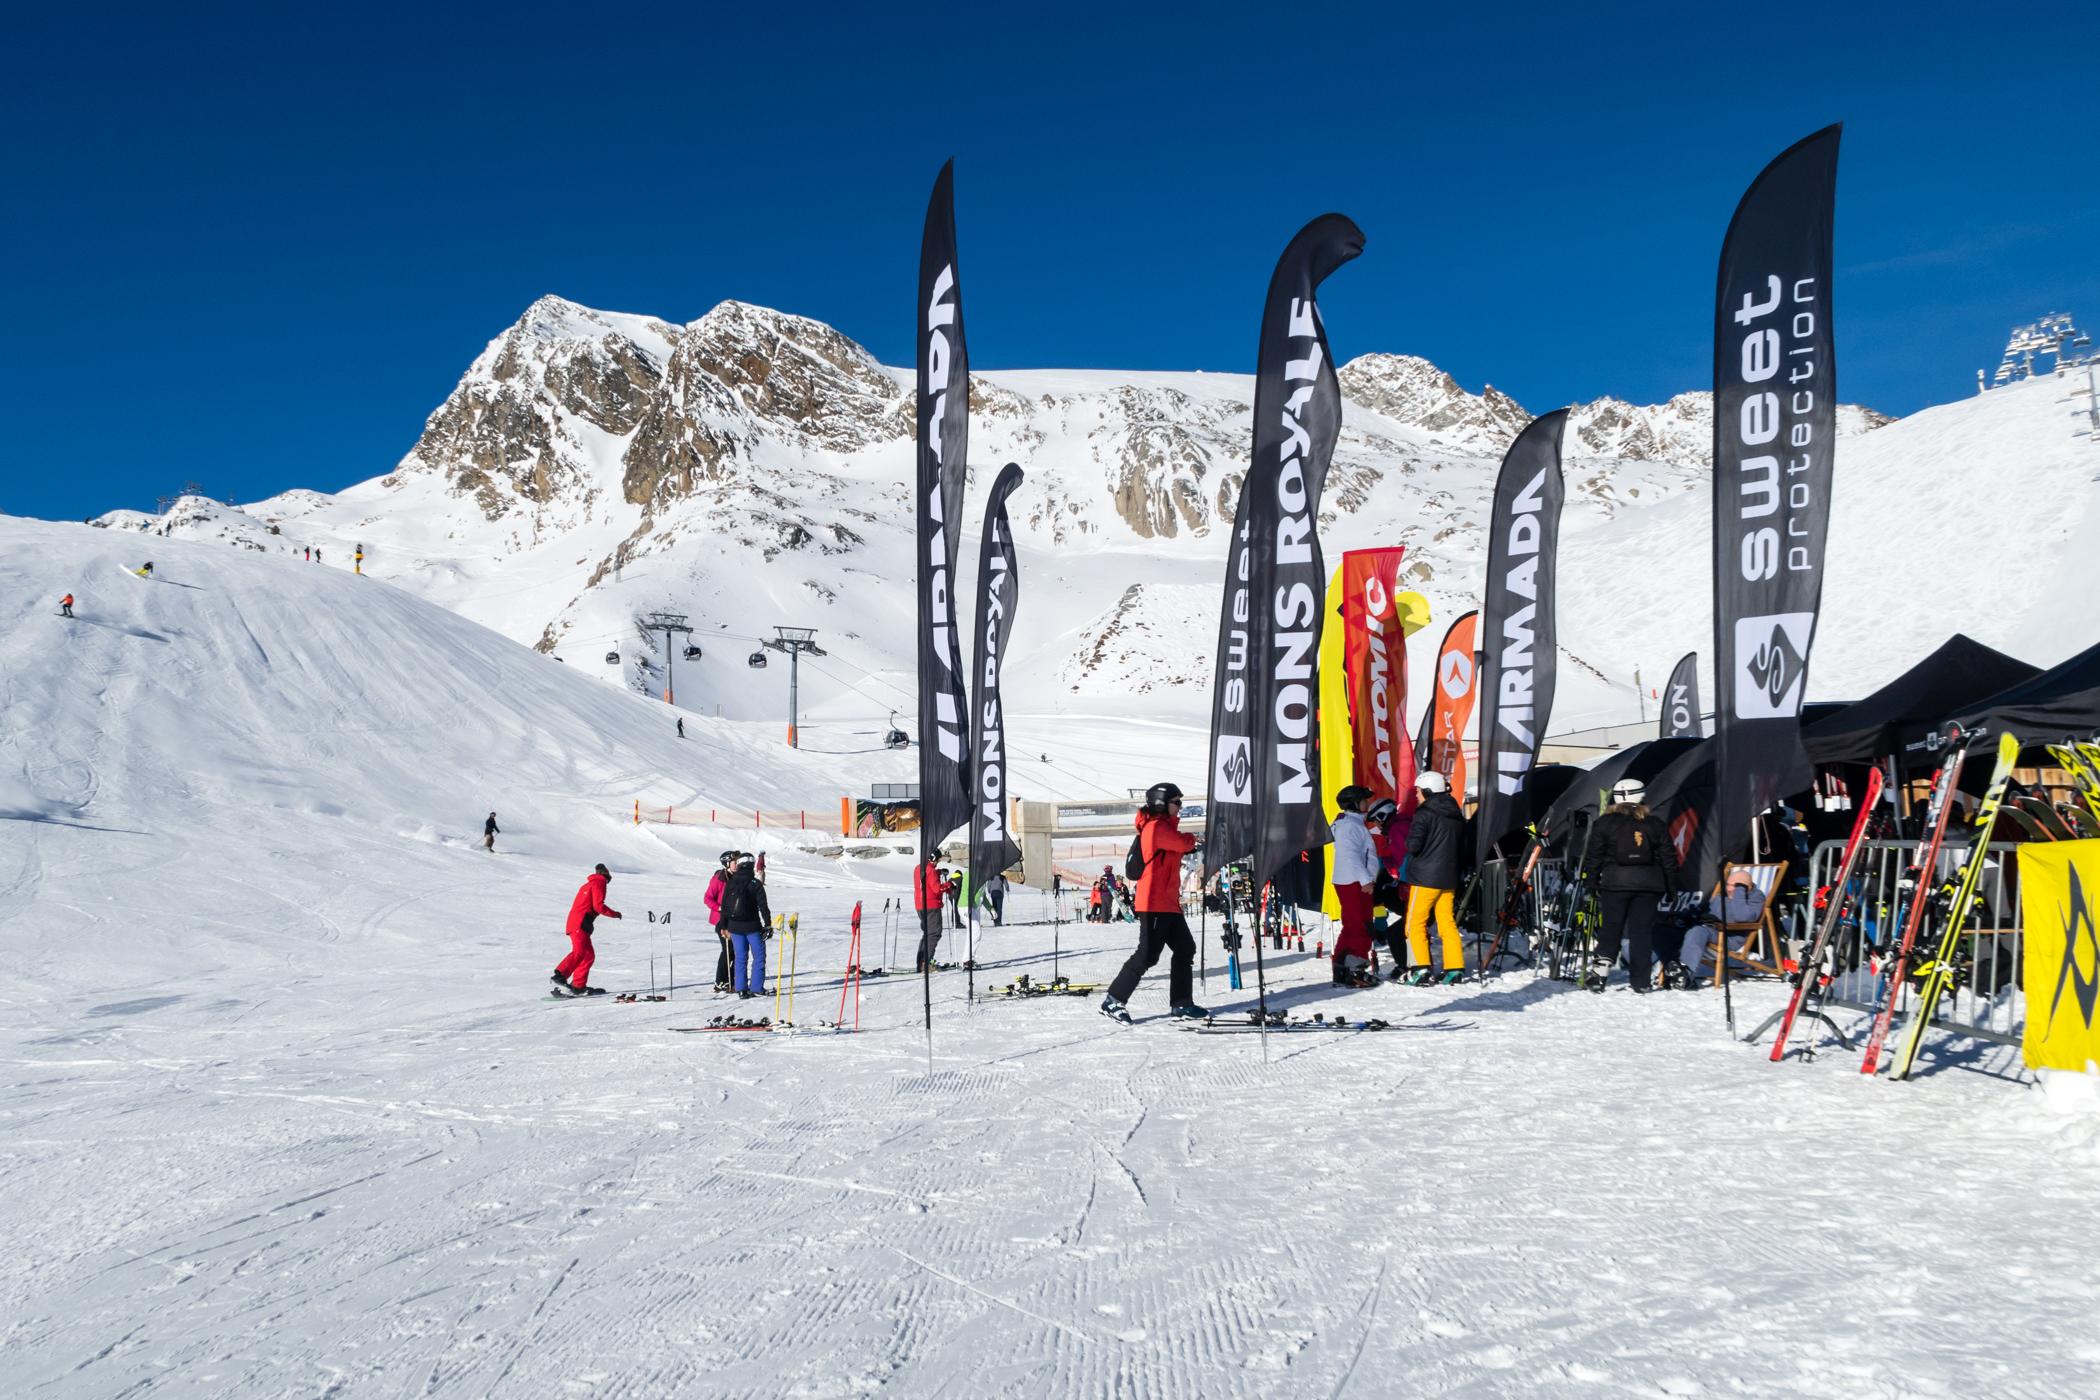 """Snowcampen ligger """"ski-in/ski-out"""" fra Tiefenbachgletsjerens piste 38 // Foto: Troels Kjems"""